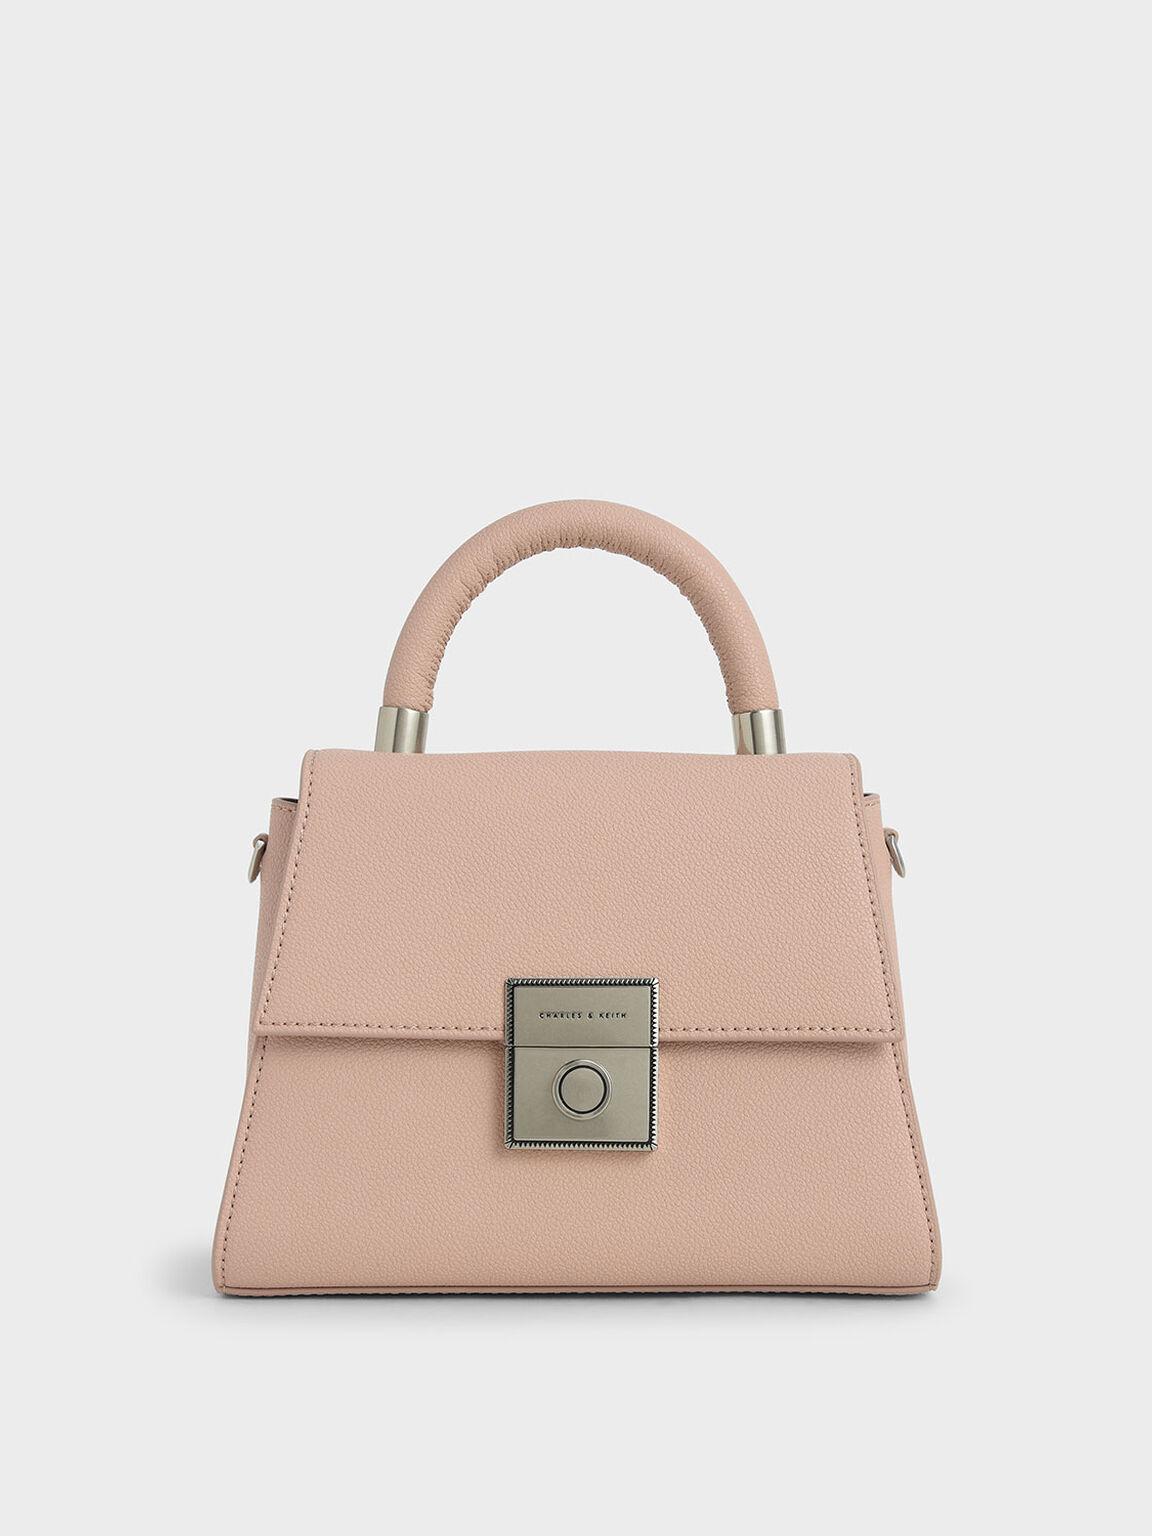 梯形金扣手提包, 粉紅色, hi-res